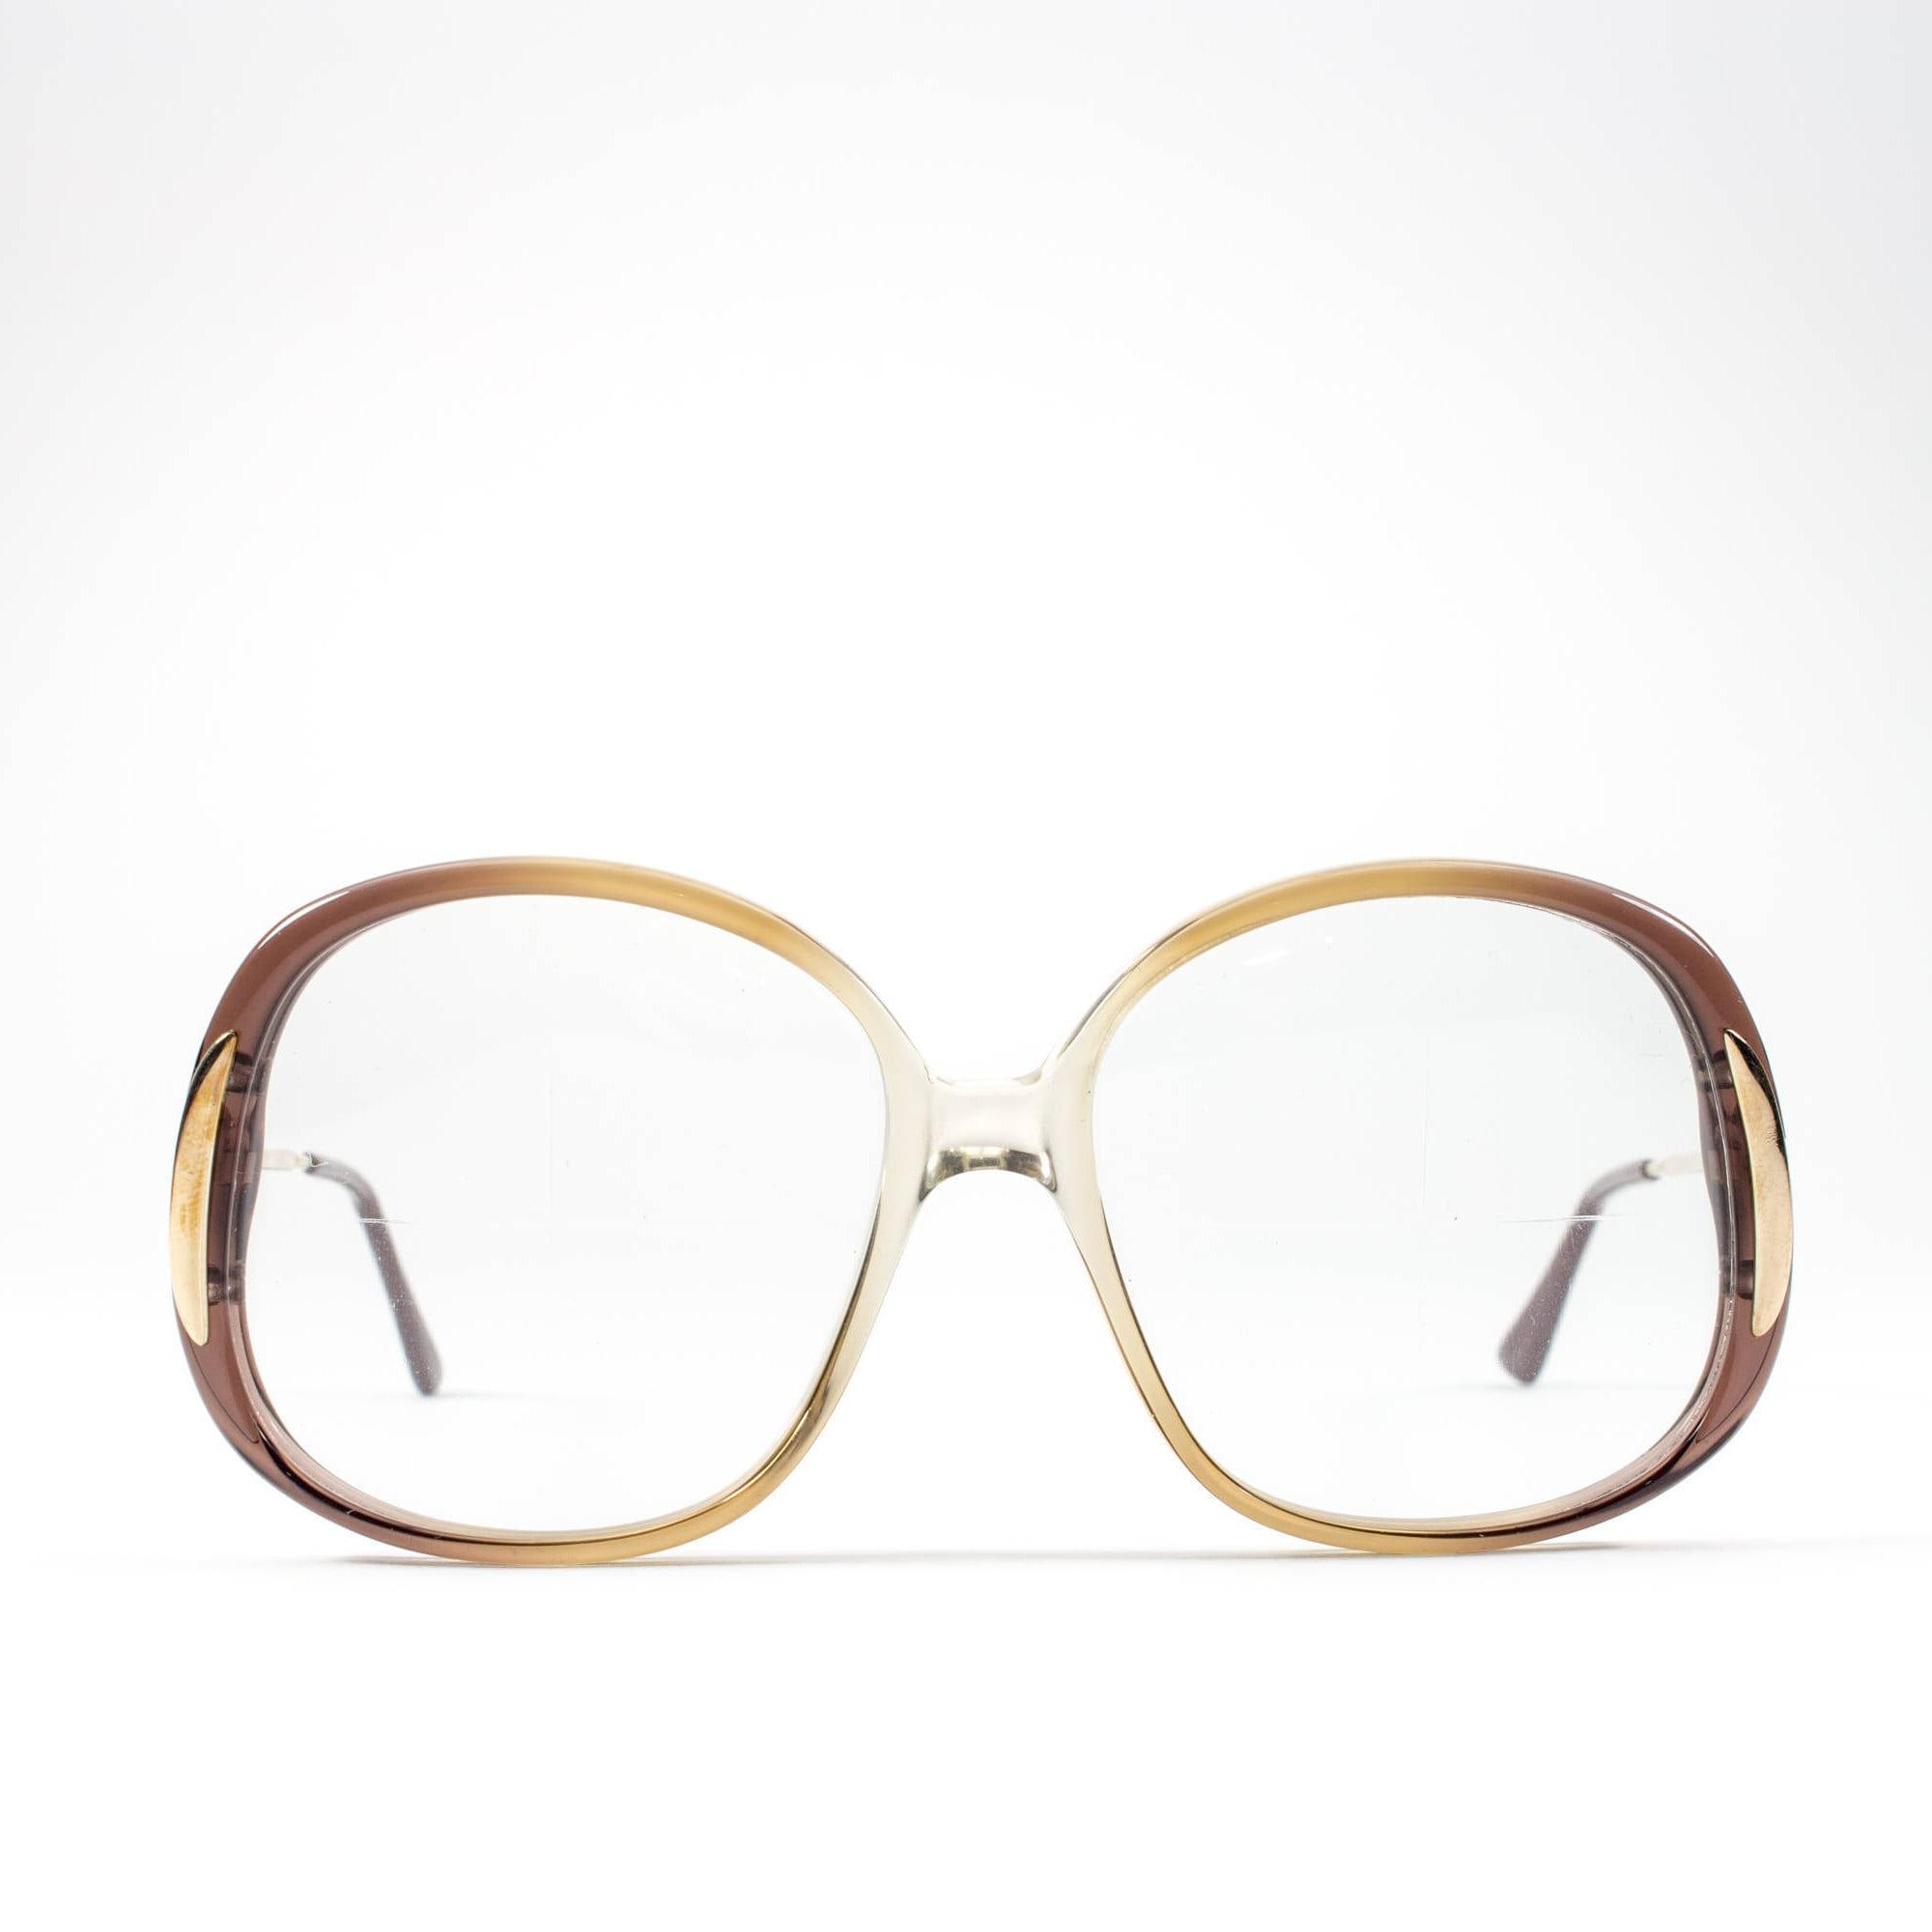 43d24112b19 Vintage 70s Glasses